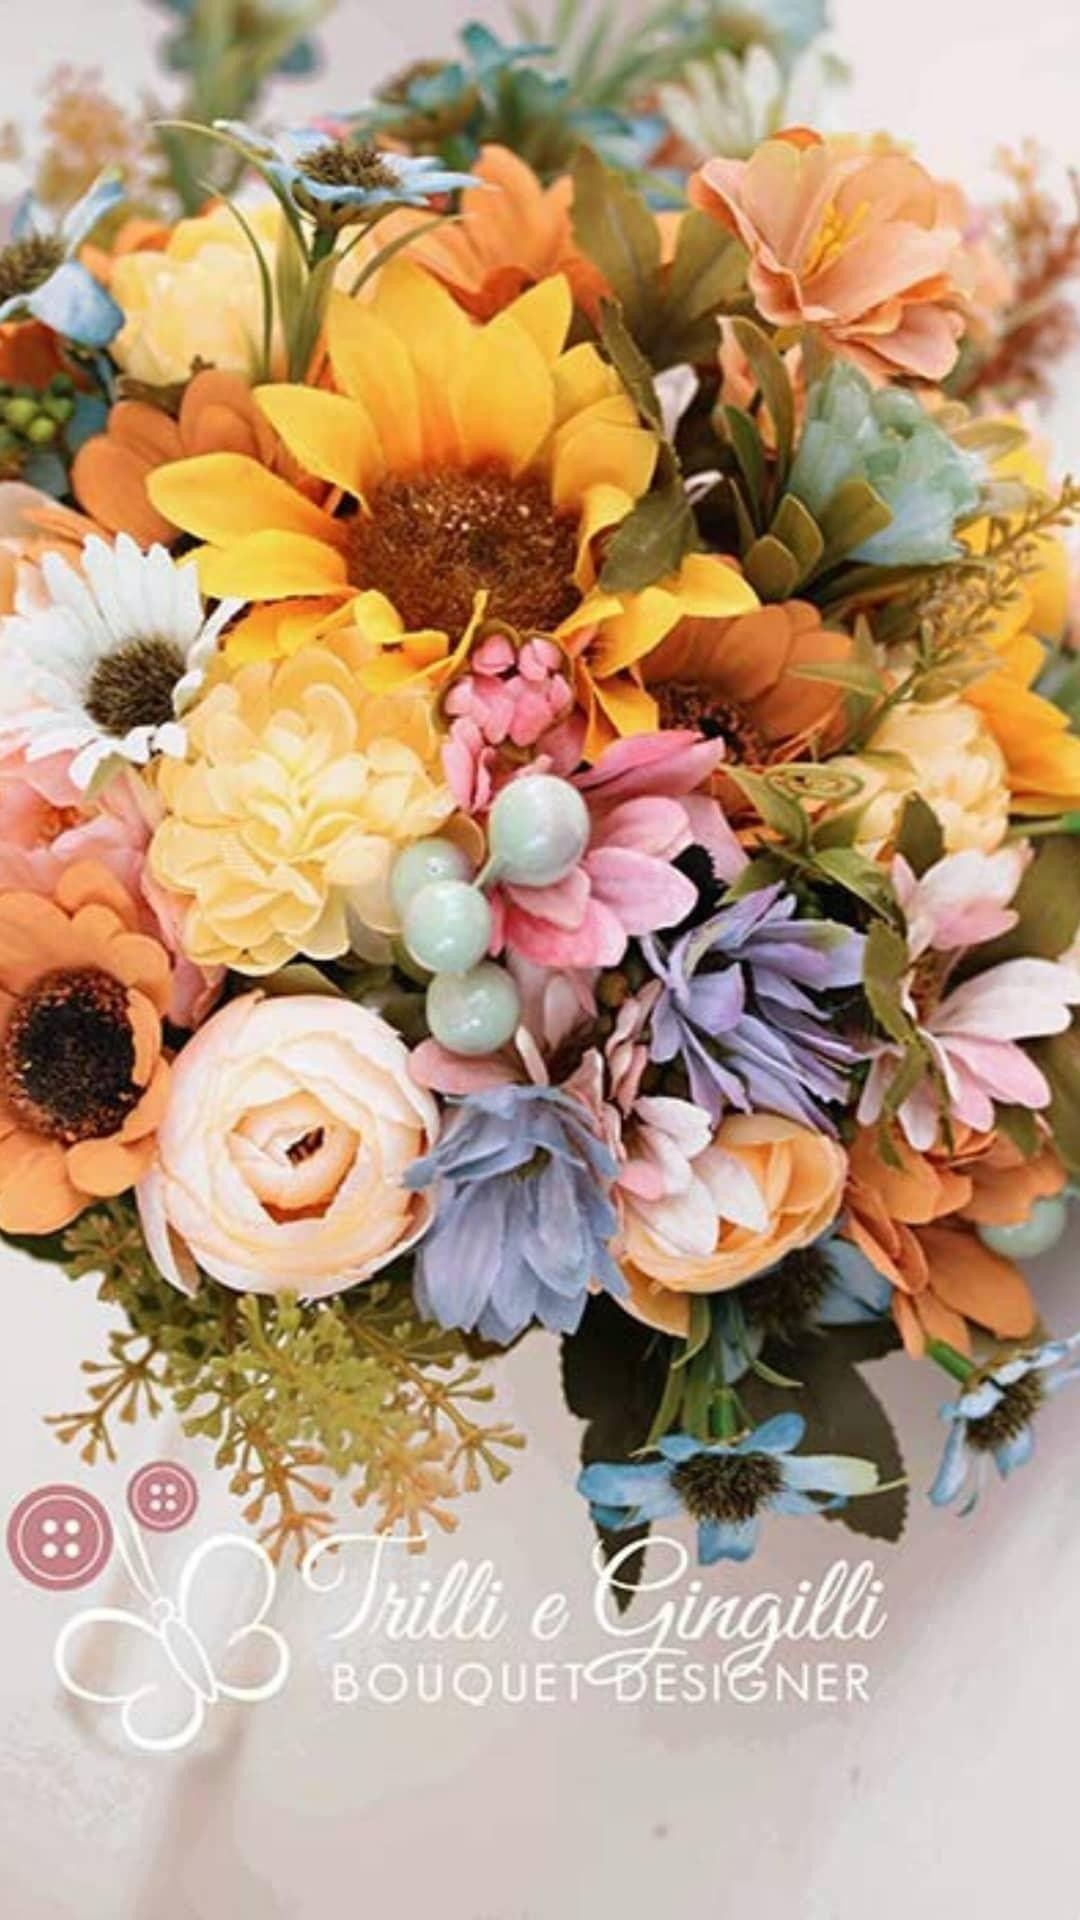 Bouquet Sposa Colorato.Multicolor Bridal Bouquet Bouquet Sposa Colorato Www